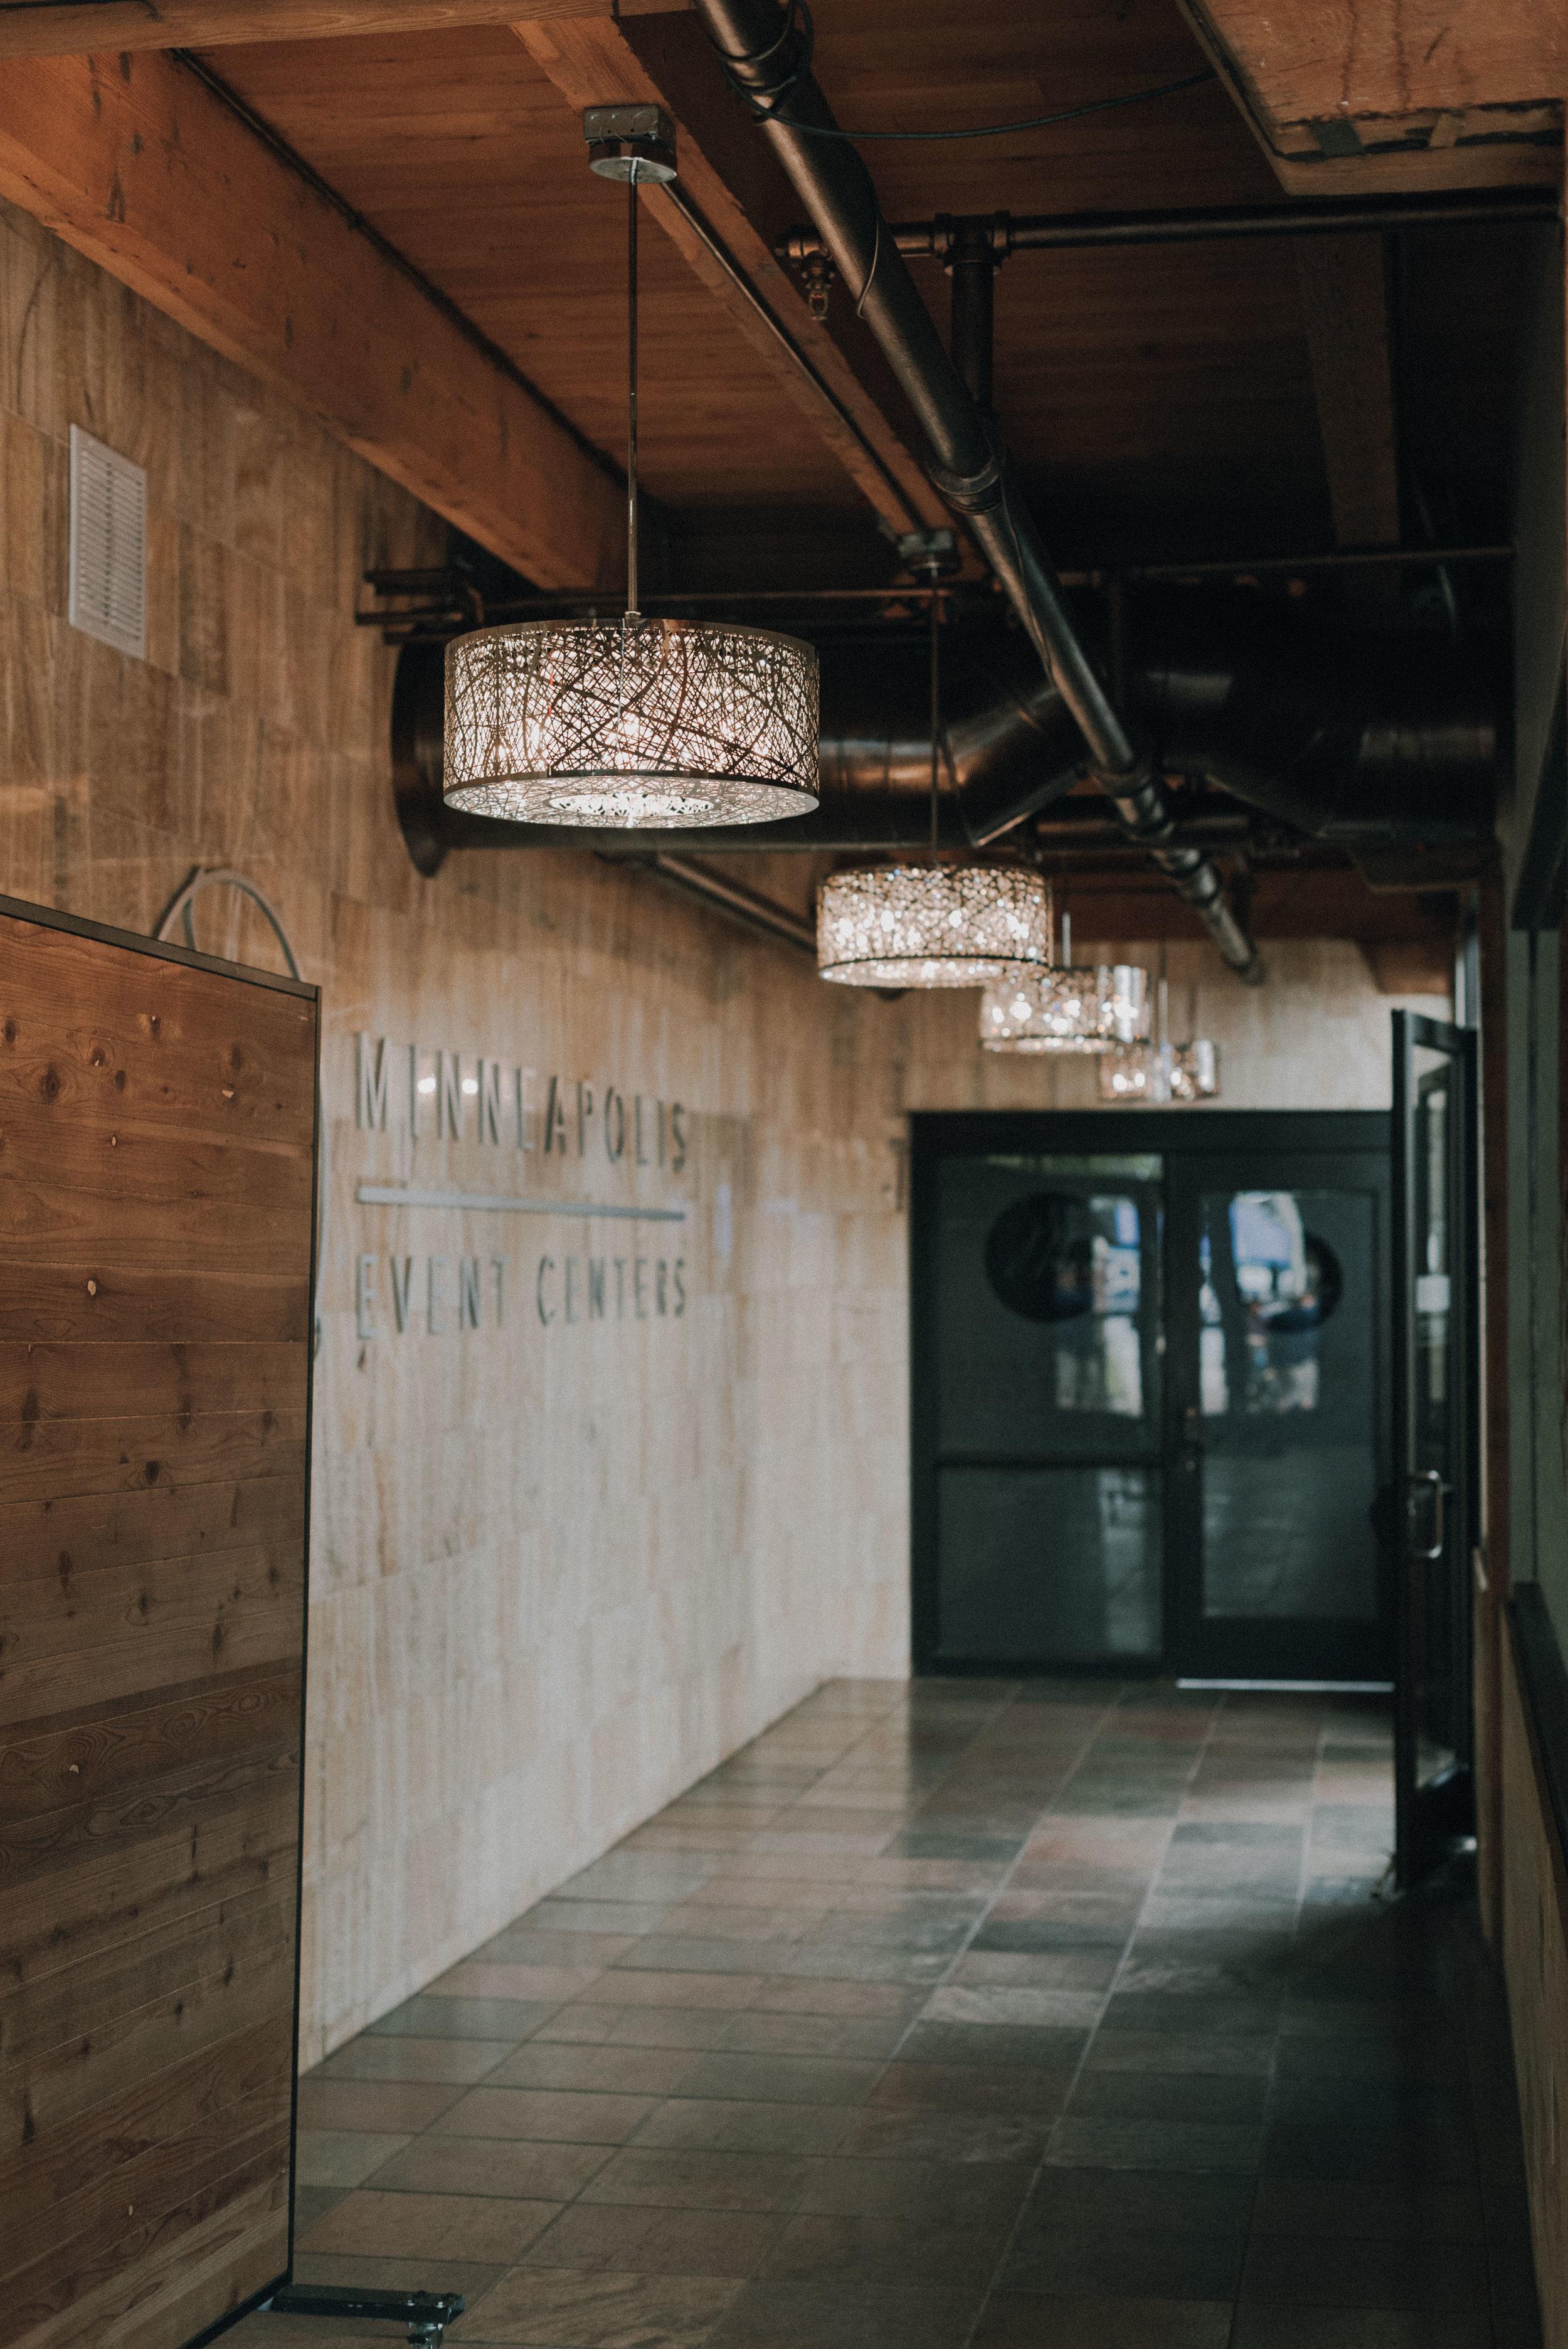 MinneapolisEventCenter-2.jpg